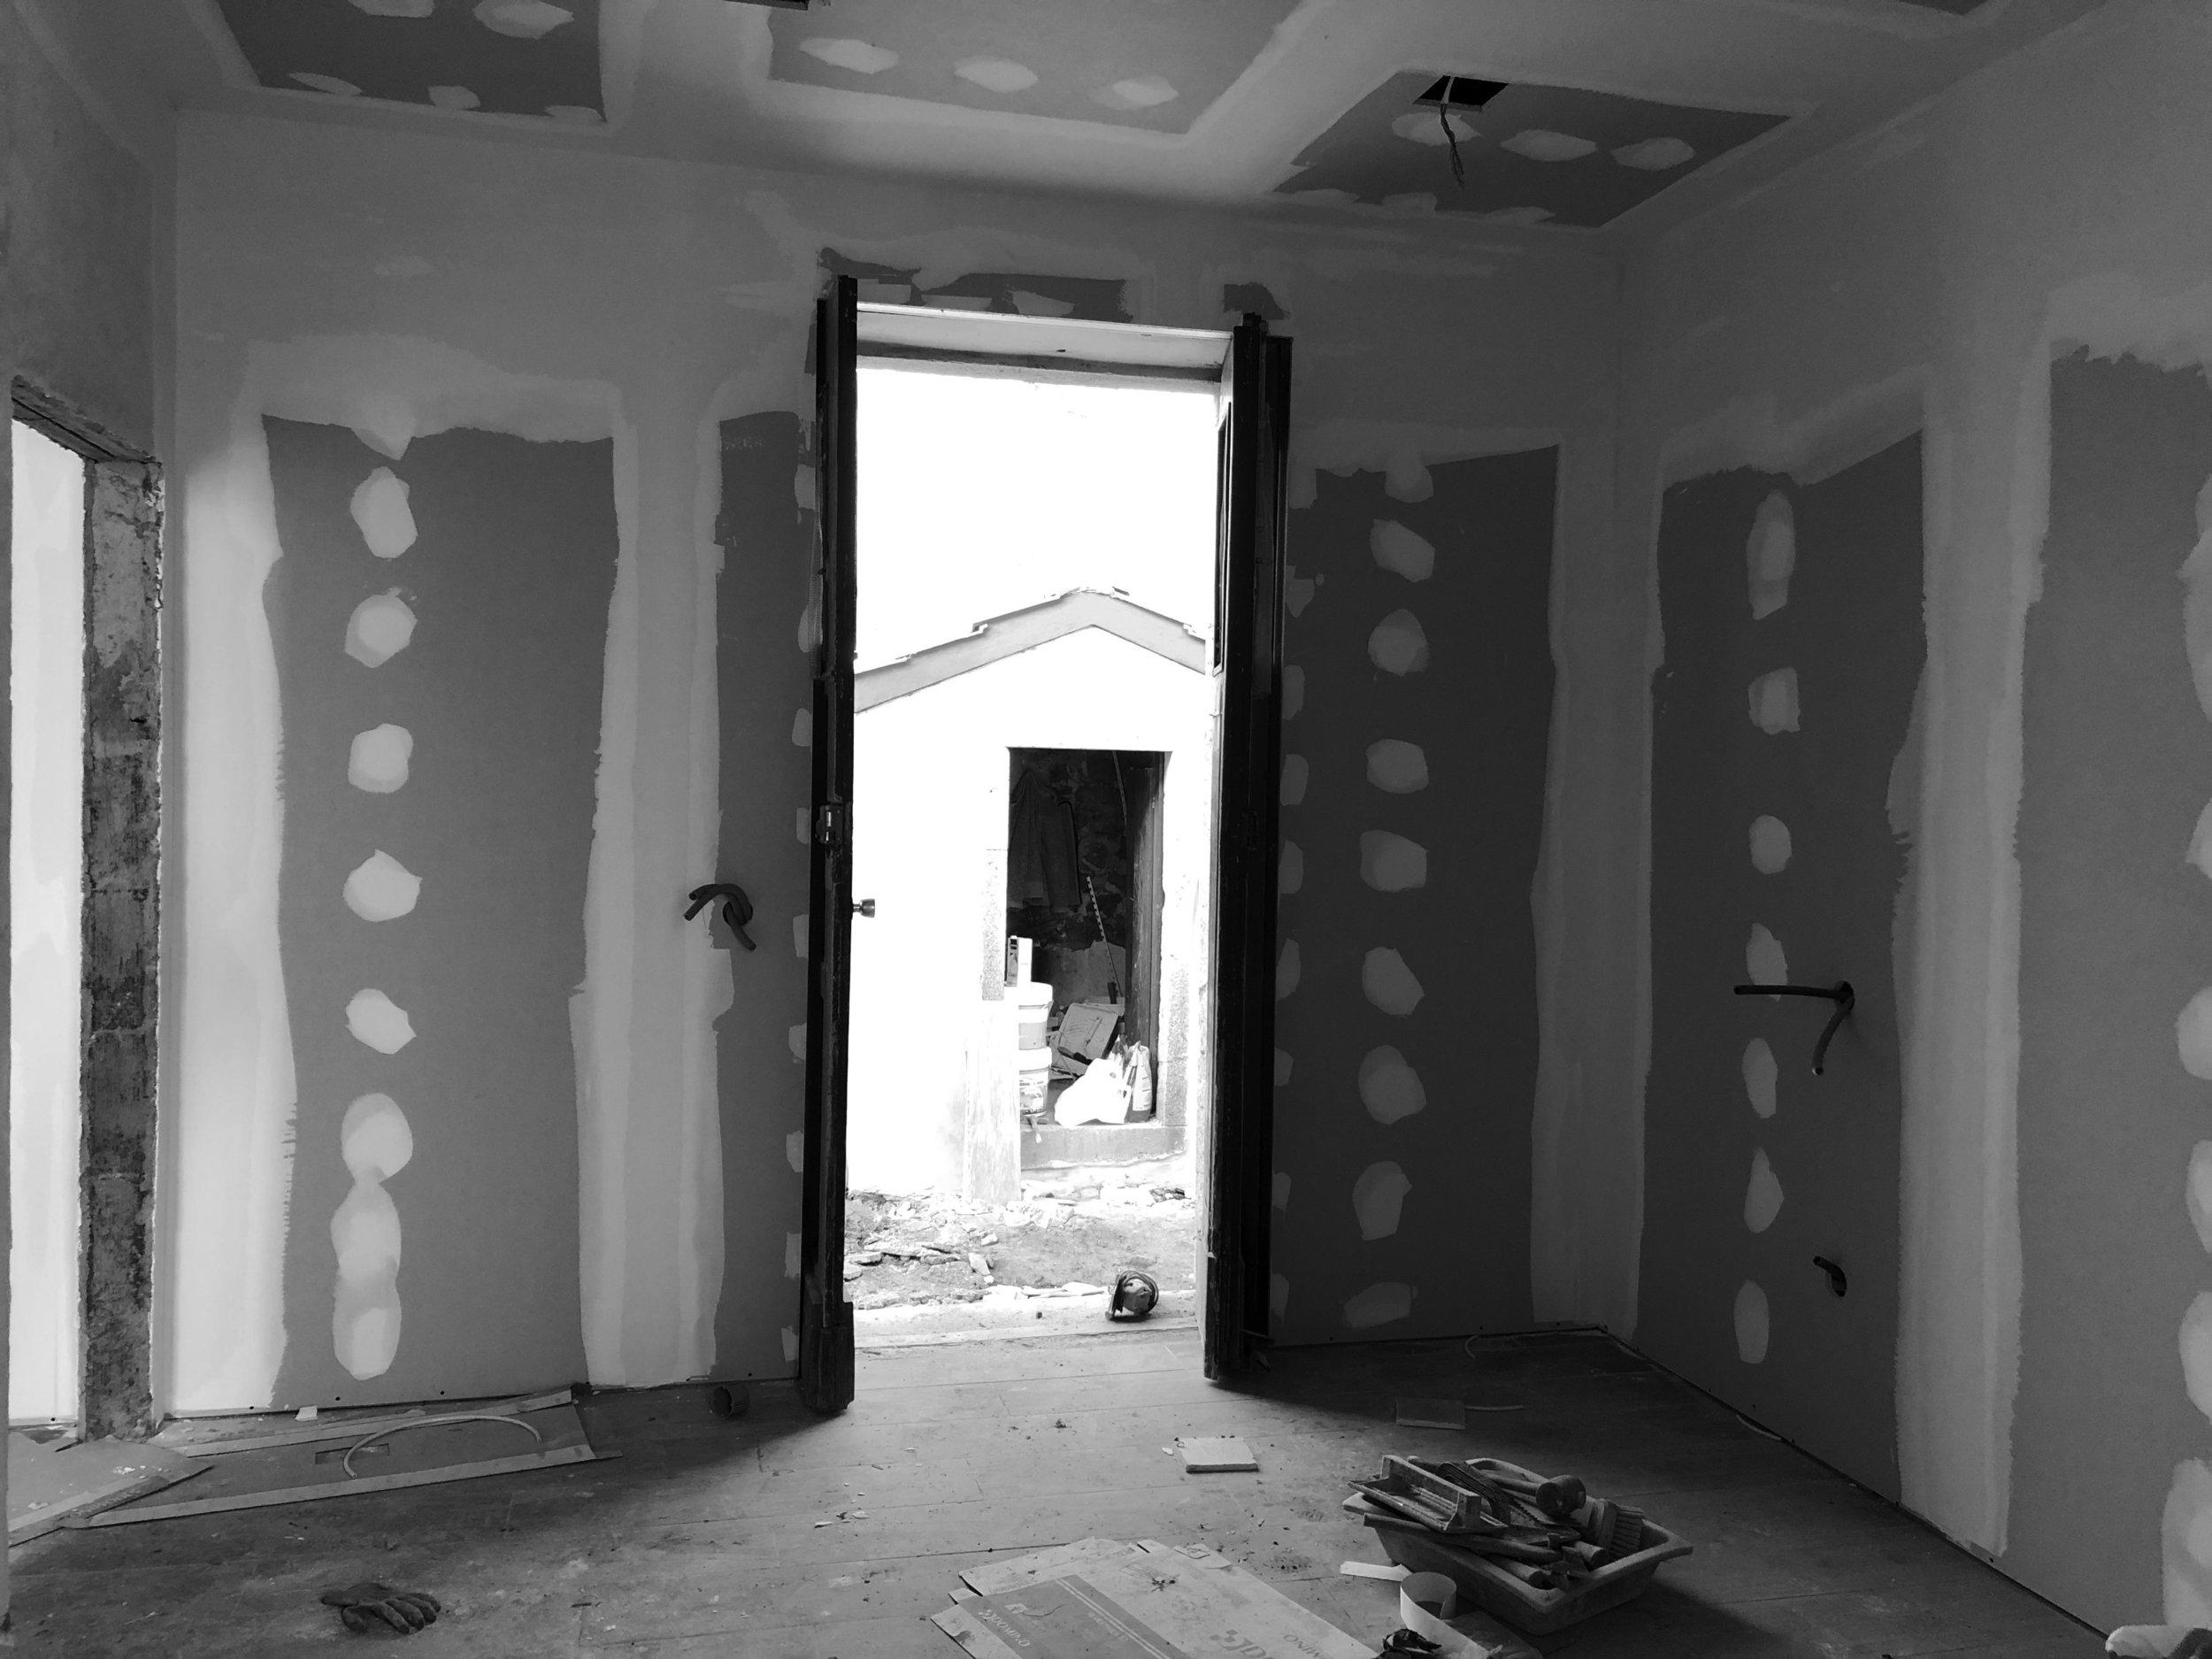 Moradia Coelhosa - EVA - evolutionary architecture - Vale de Cambra - arquitectos - Porto - remodelação (6).jpg